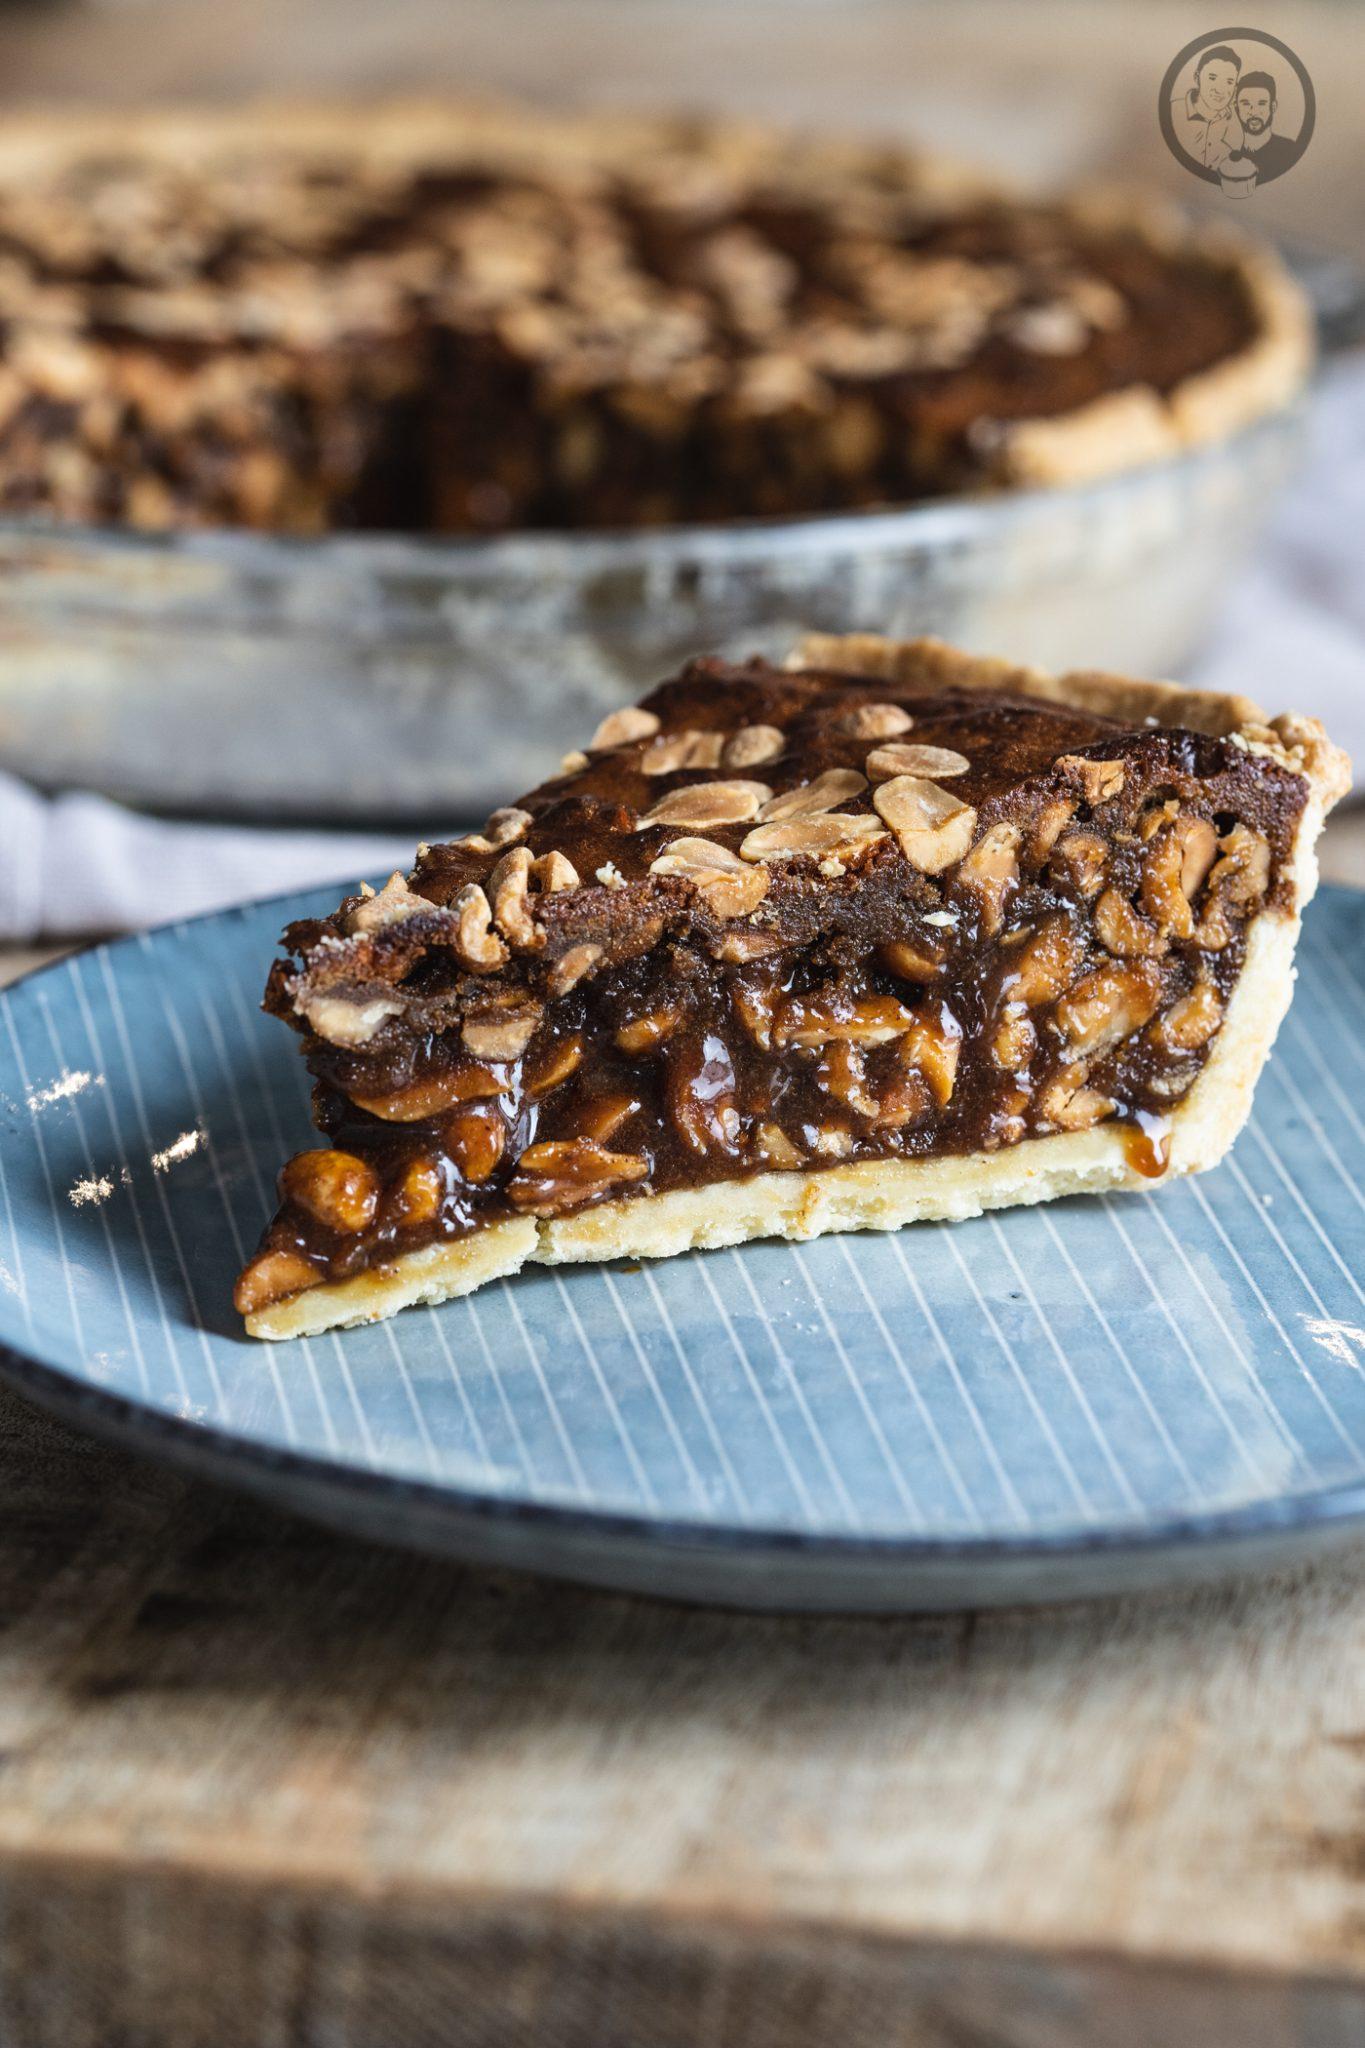 Peanut Pie 8 | Heute ist es wieder soweit und bei uns steht die Erdnuss im Mittelpunkt! Gemeinsam mit ültje haben wir euch schon so einige leckere herzhafte Gerichte mit Erdnüssen gezeigt. Zuletzt unsere unglaublich leckerenBurritos. Aber nun kurz vor Weihnachten, dachten wir uns, dass es jetzt auch mal süß und üppig zugehen darf. So entstand die Idee eines Peanut Pie!